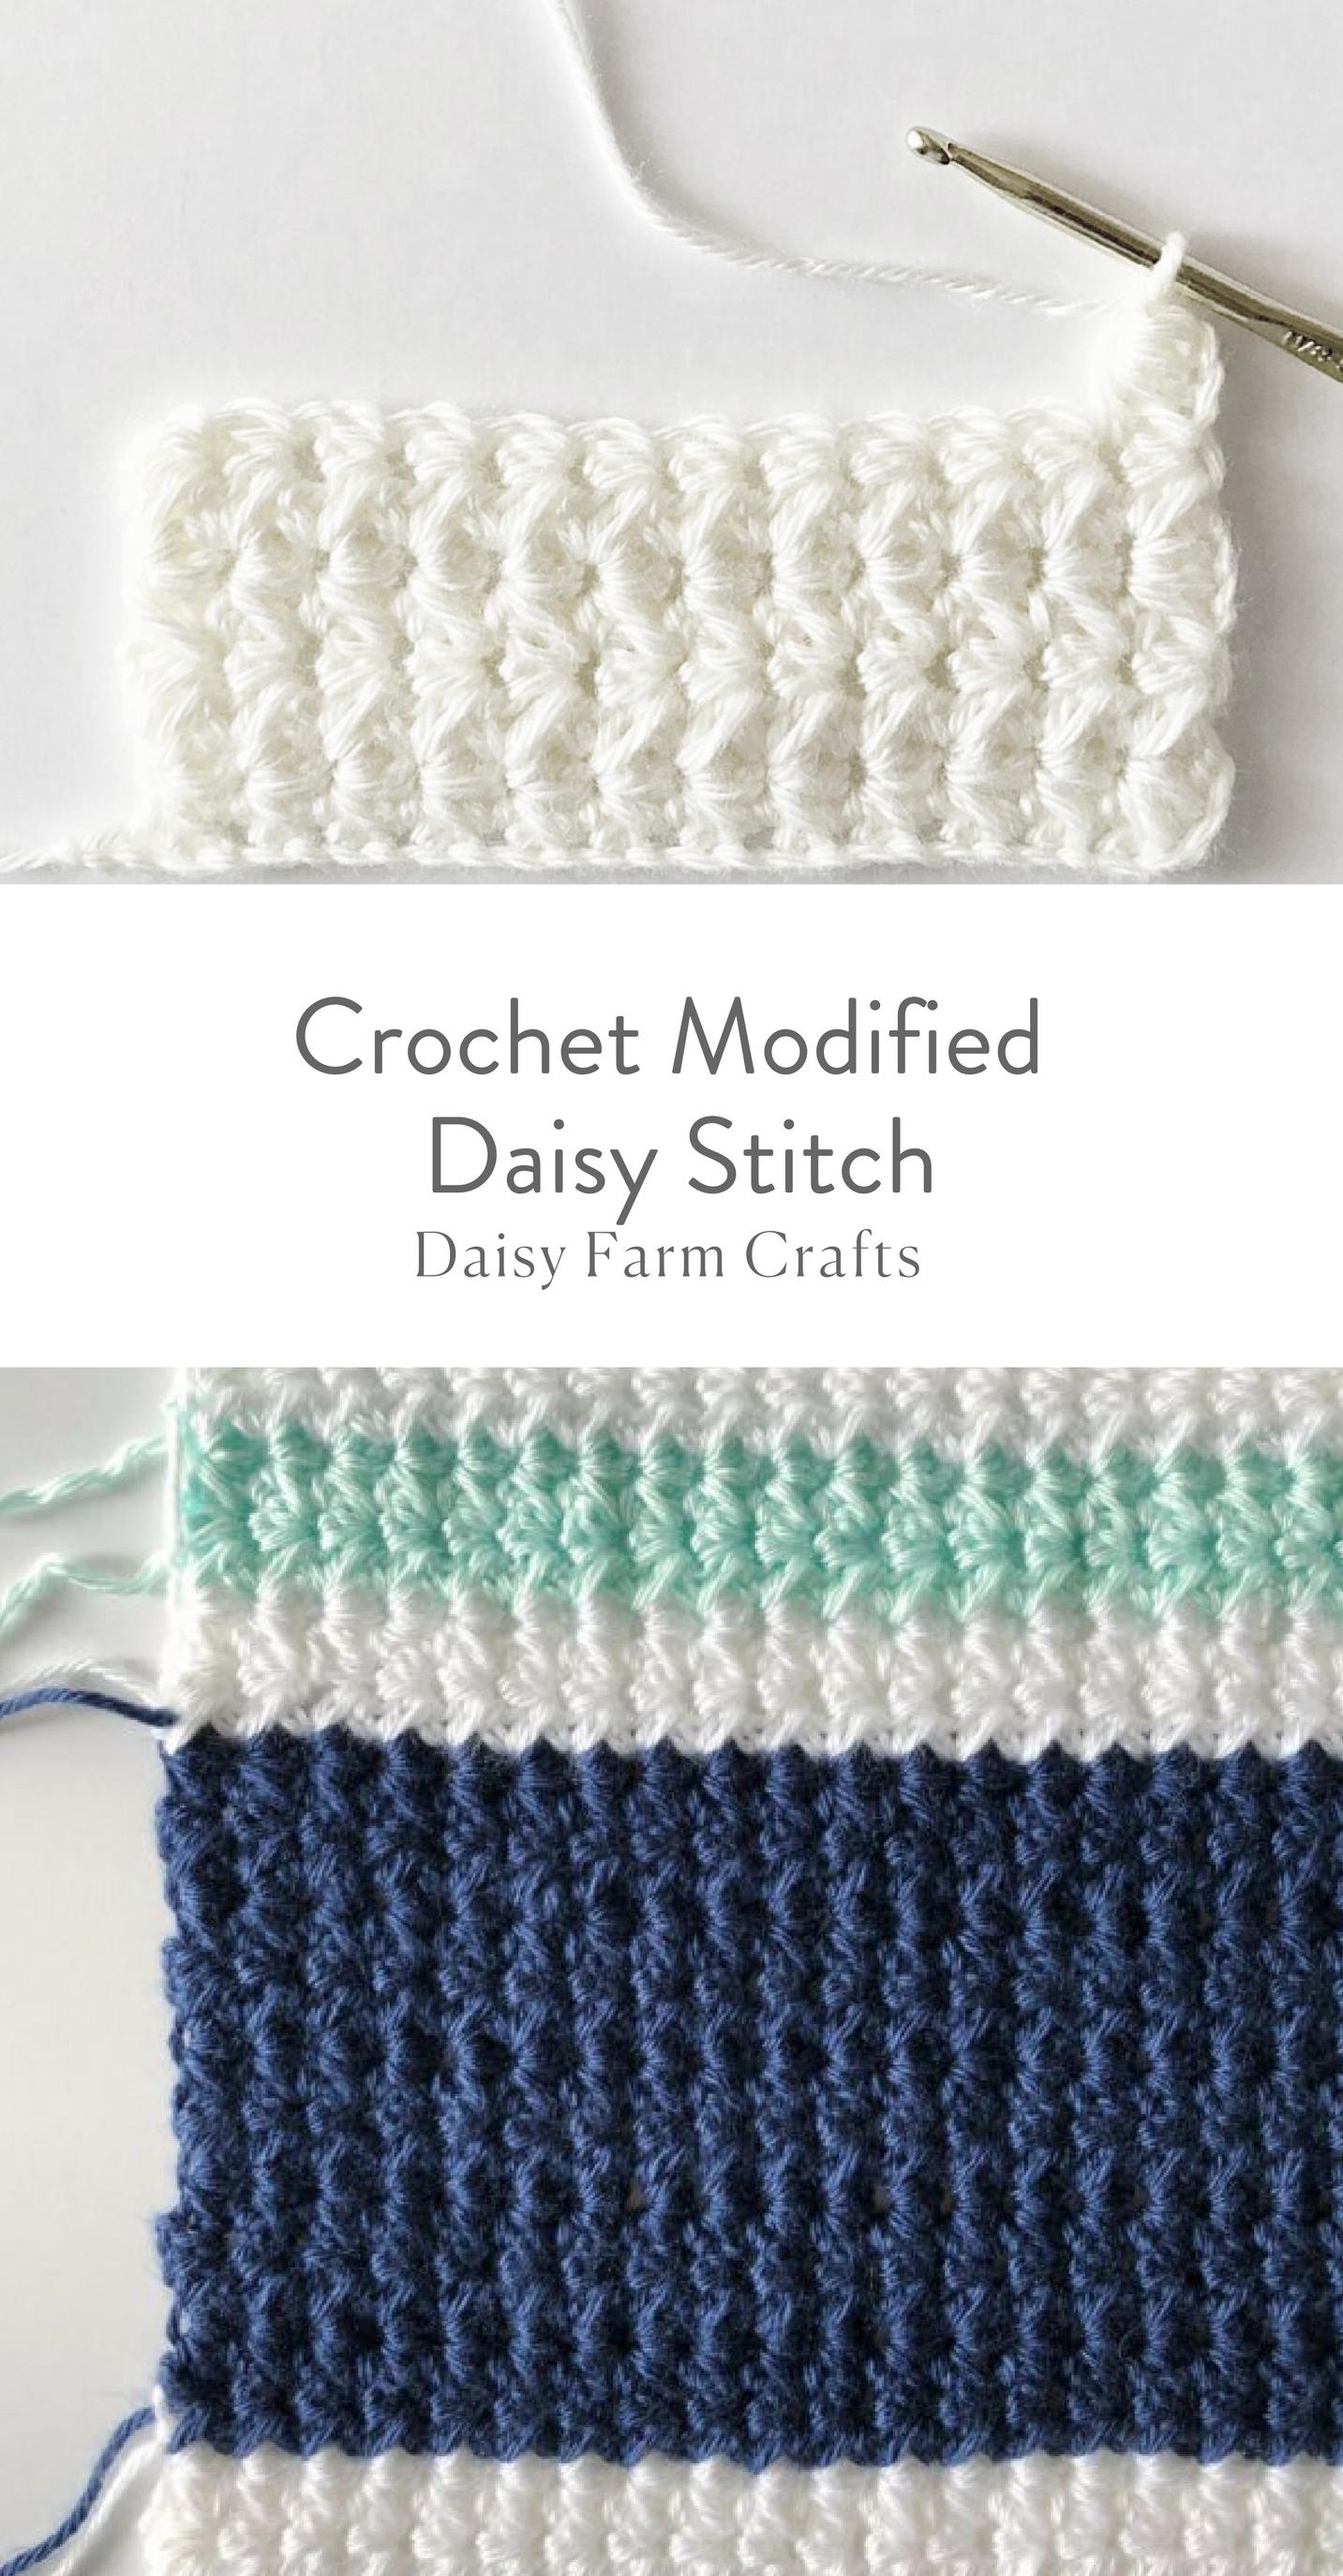 How to Crochet the Modified Daisy Stitch | Patrones de ganchillo ...